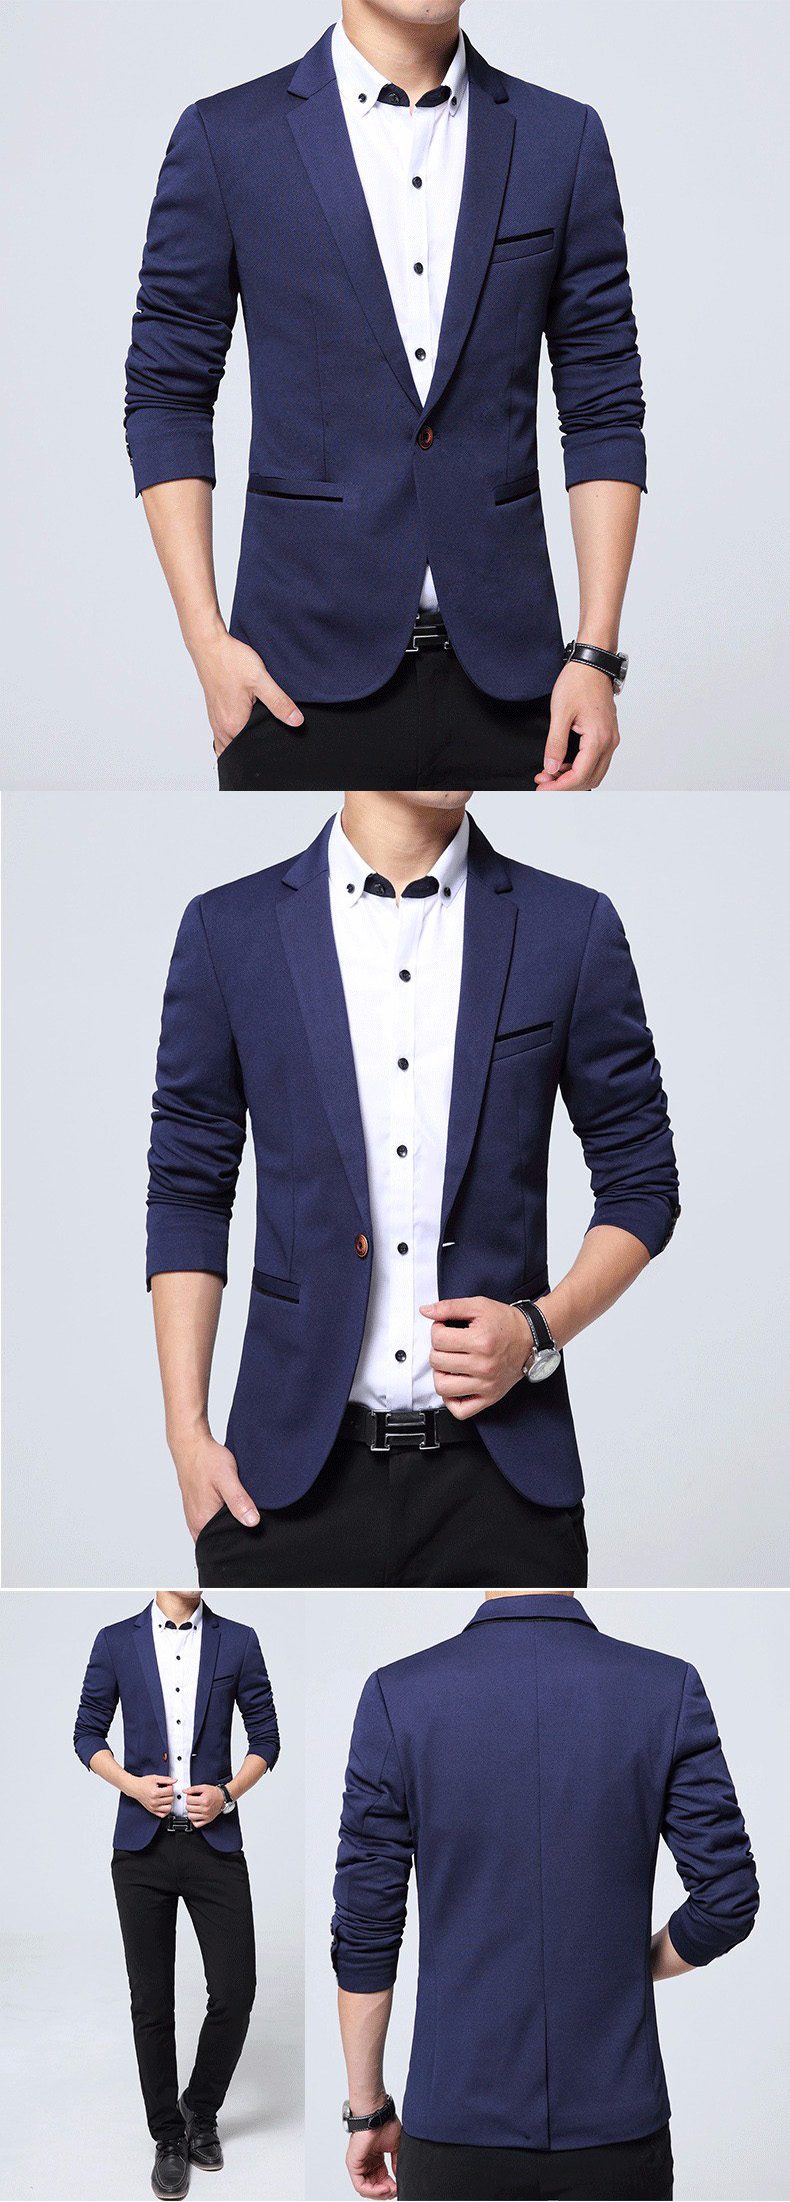 HTB1.5nNRpXXXXXqXXXXq6xXFXXX3 - HCXY модные Для мужчин Блейзер Повседневные комплекты одежды Slim Fit пиджак Для мужчин весна костюм Homme, TERNO masculin Блейзер, куртка